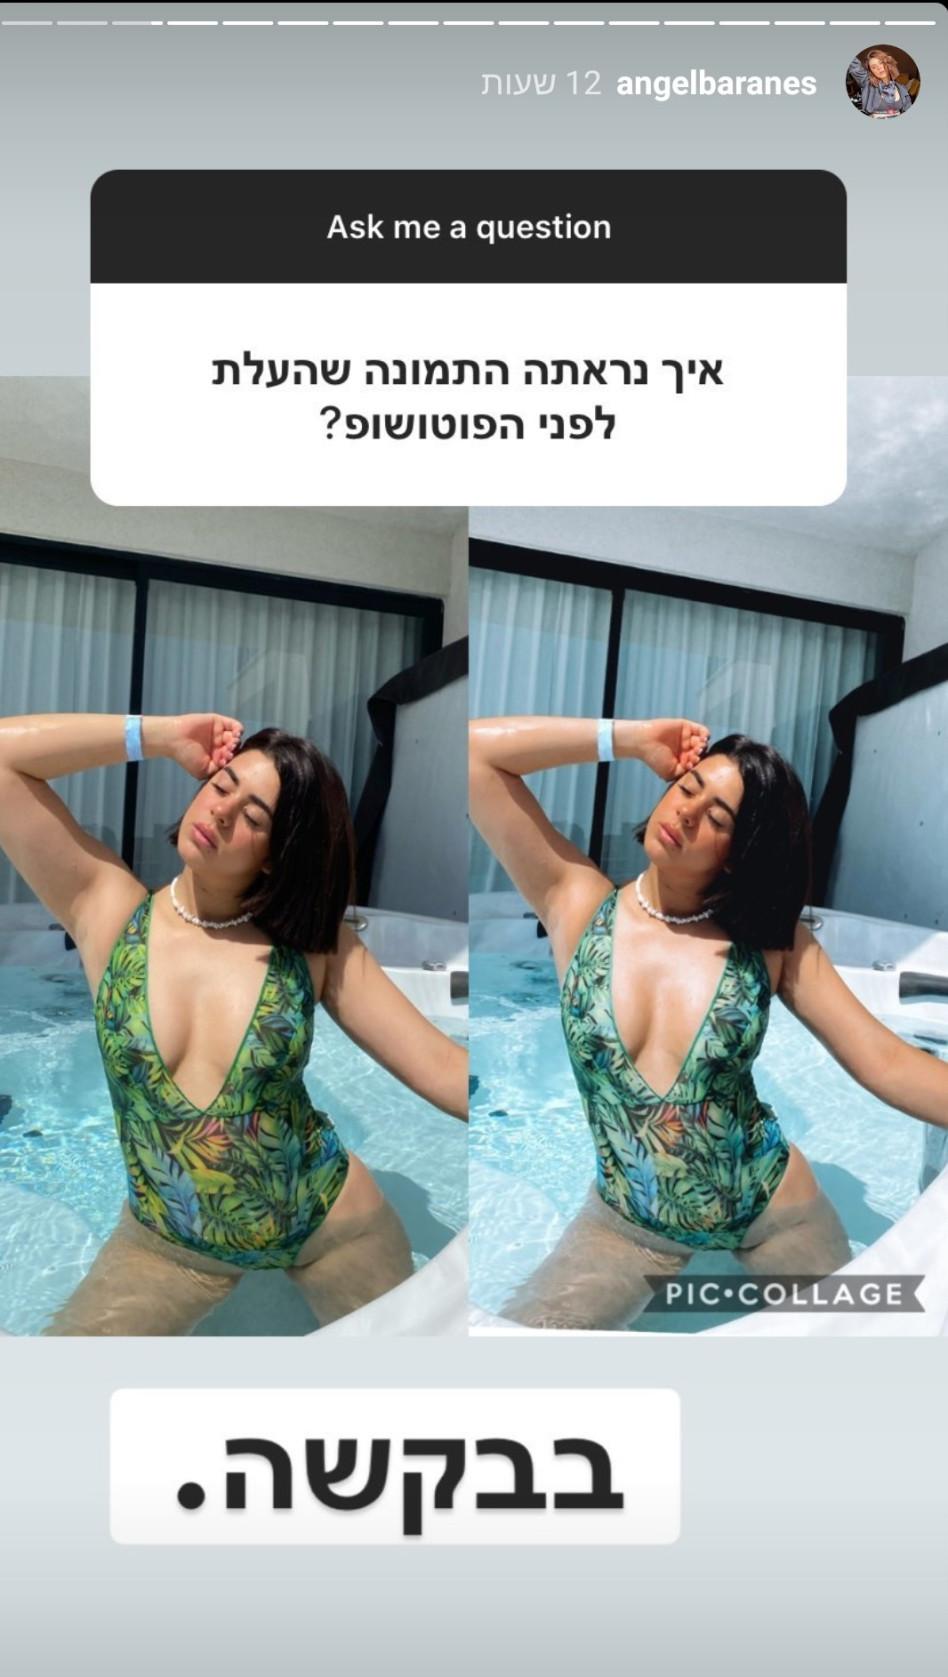 אנג'ל ברנס לפני ואחרי ריטוש (צילום: צילום מסך אינסטגרם)